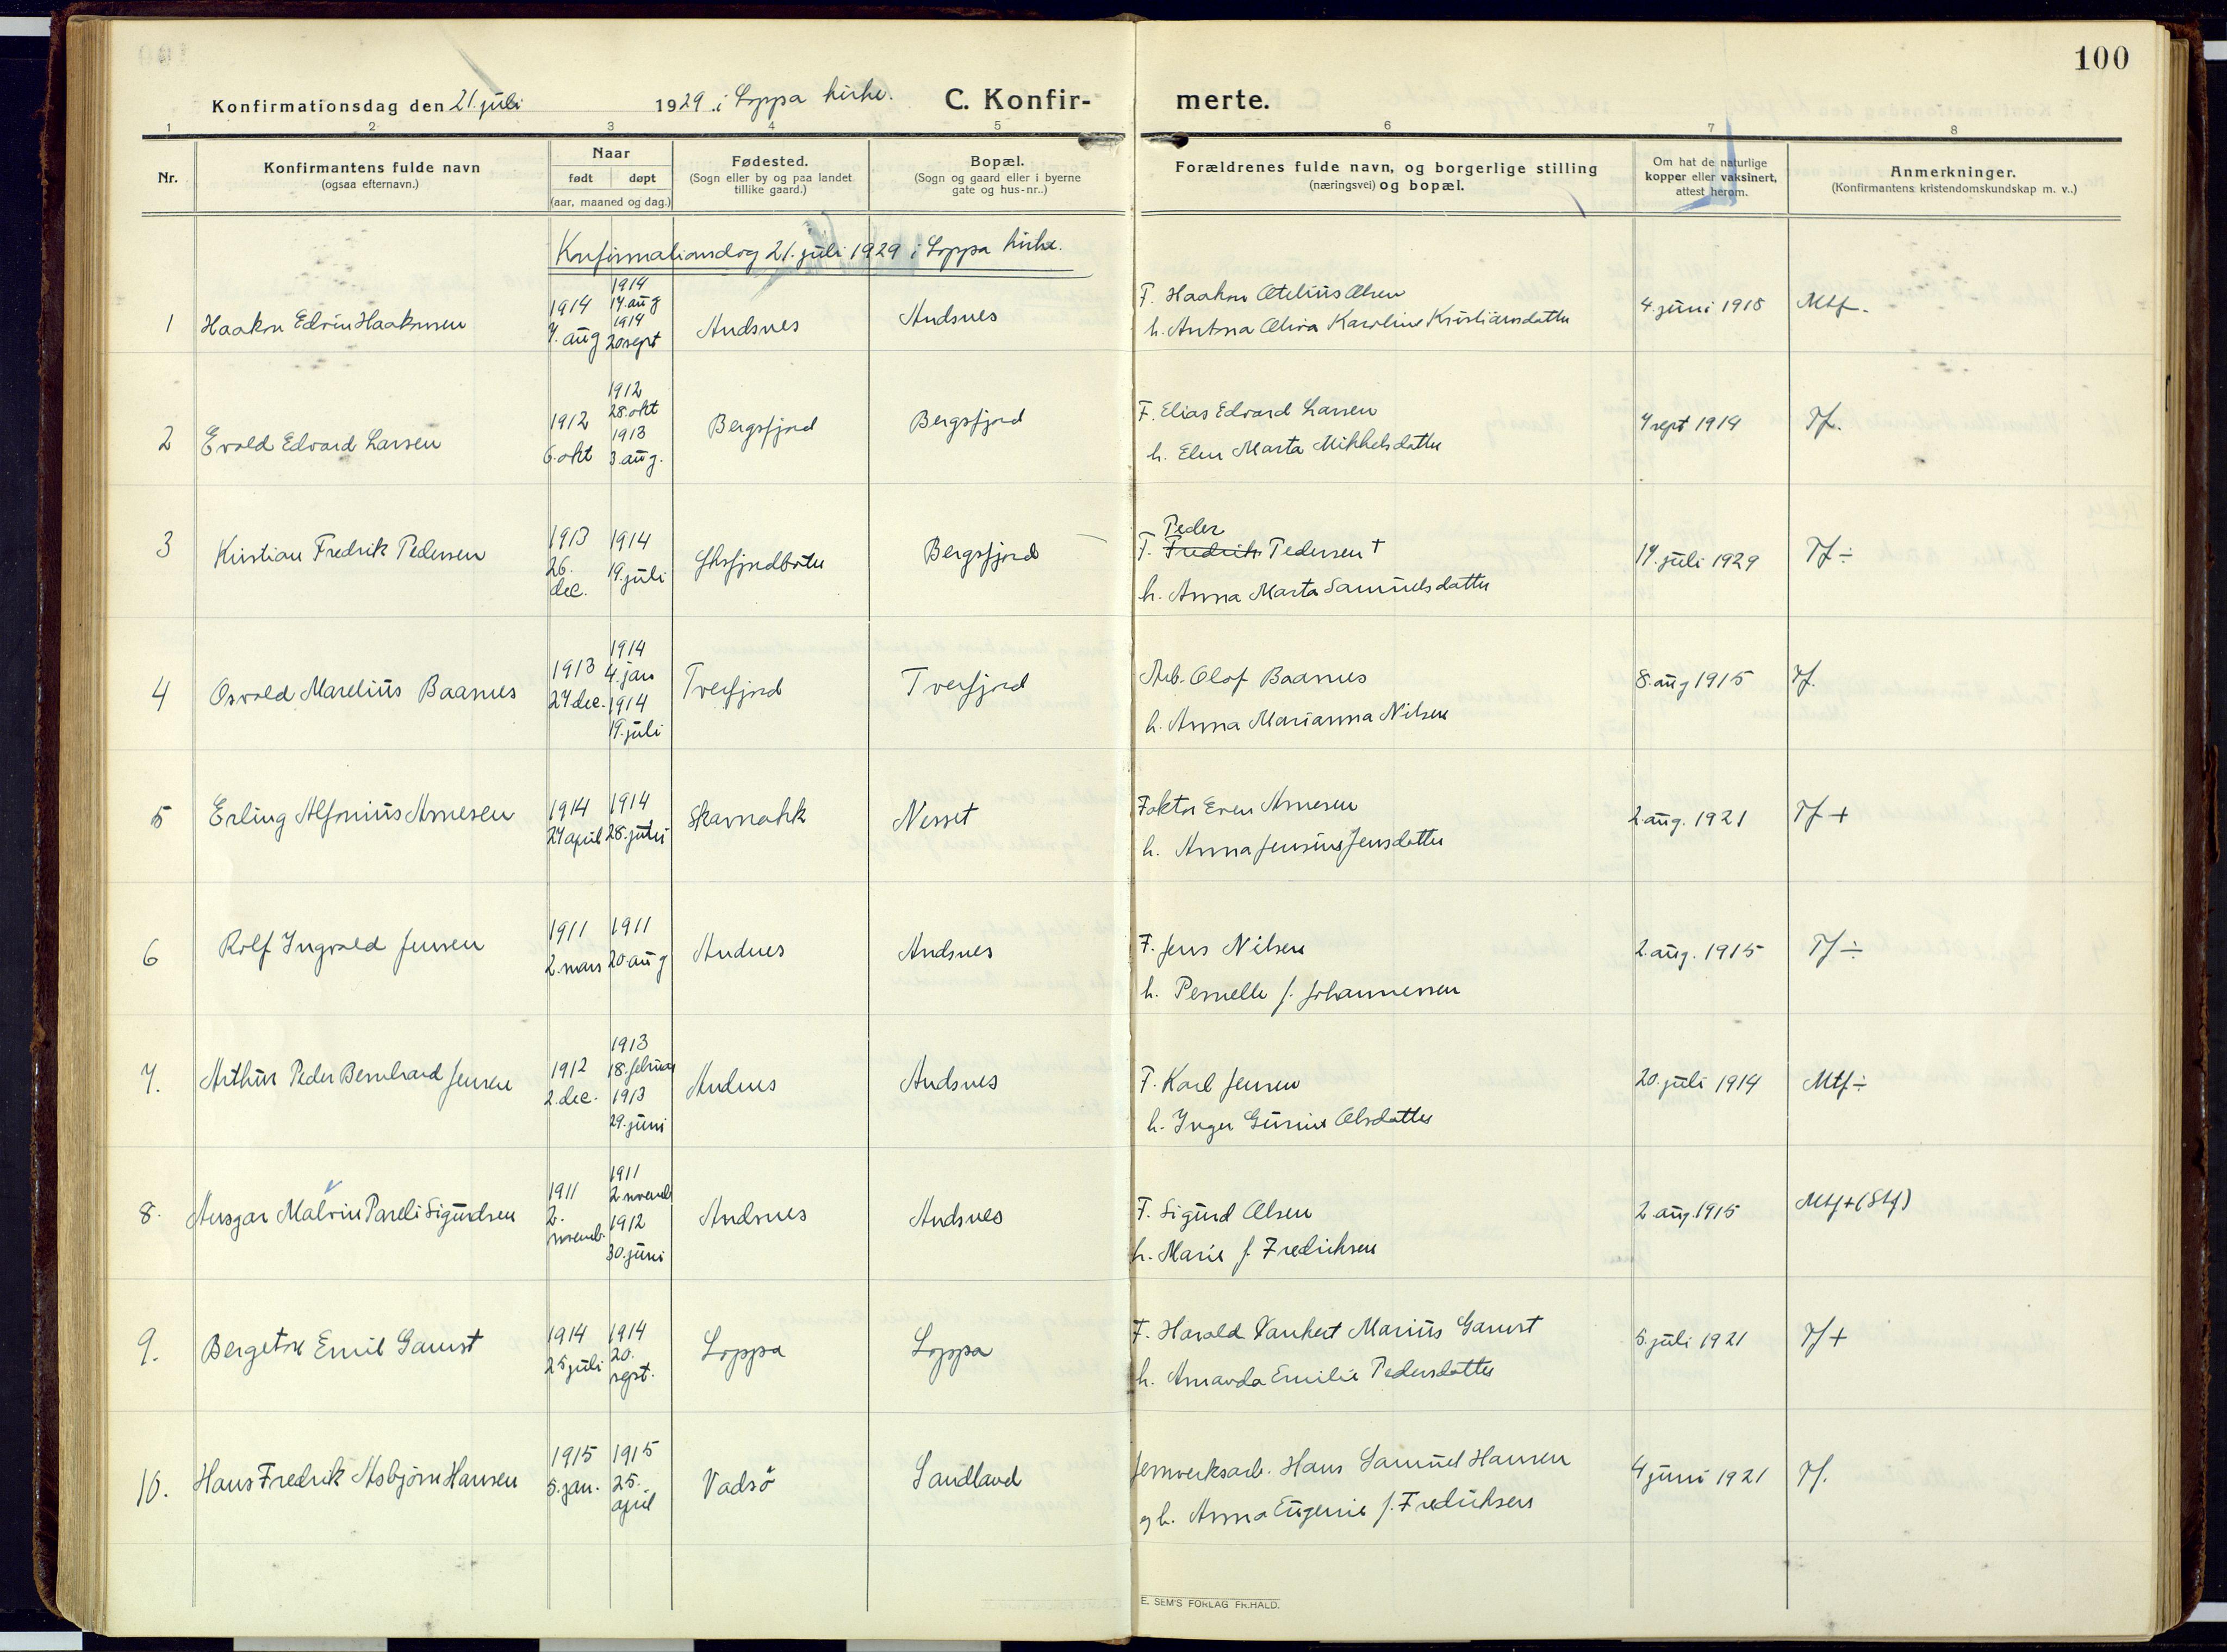 SATØ, Loppa sokneprestkontor, H/Ha/L0013kirke: Ministerialbok nr. 13, 1920-1932, s. 100